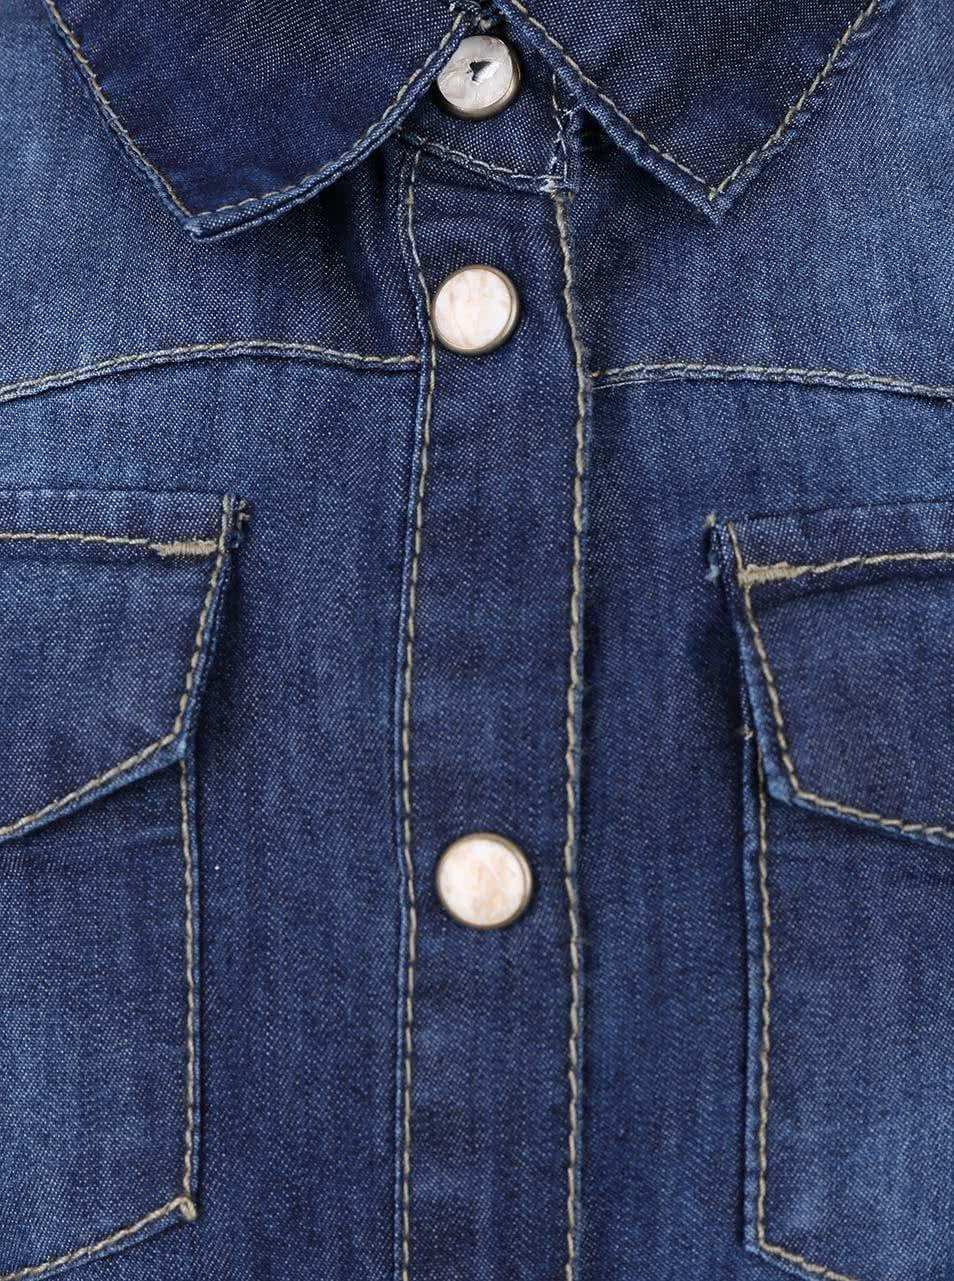 677f9ff3a675 Tmavomodrá rifľová dievčenská košeľa name it Cha ...